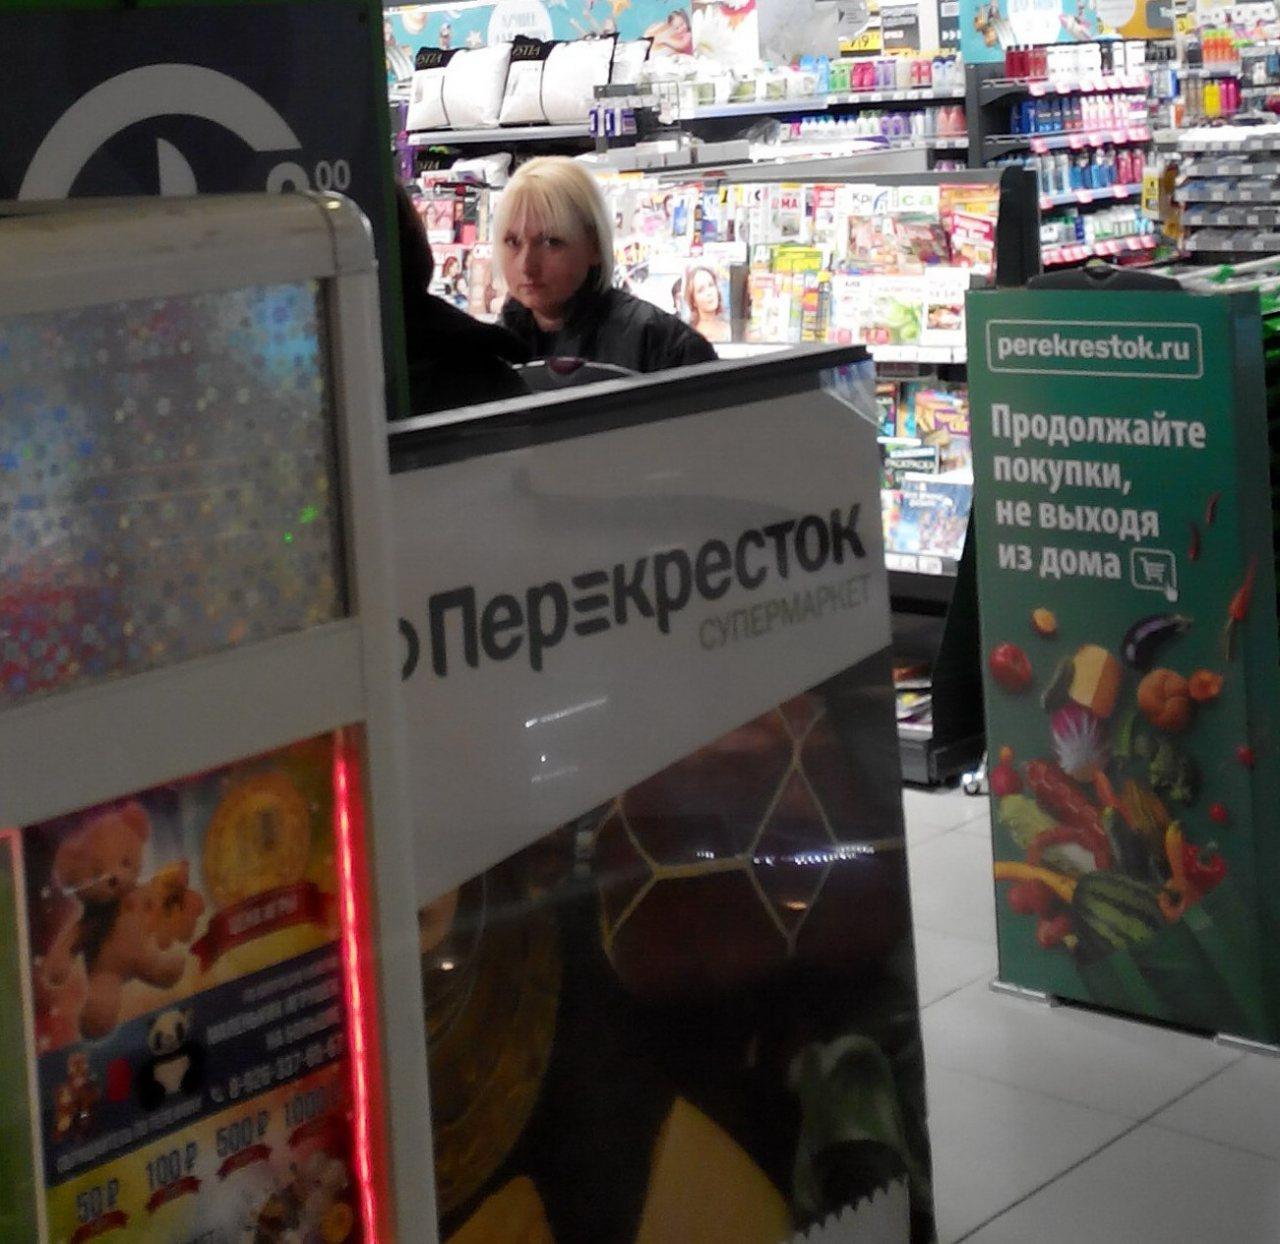 0f17b5ca0c81 Перекресток   Супермаркеты в Москве - отзывы   Книга жалоб и ...